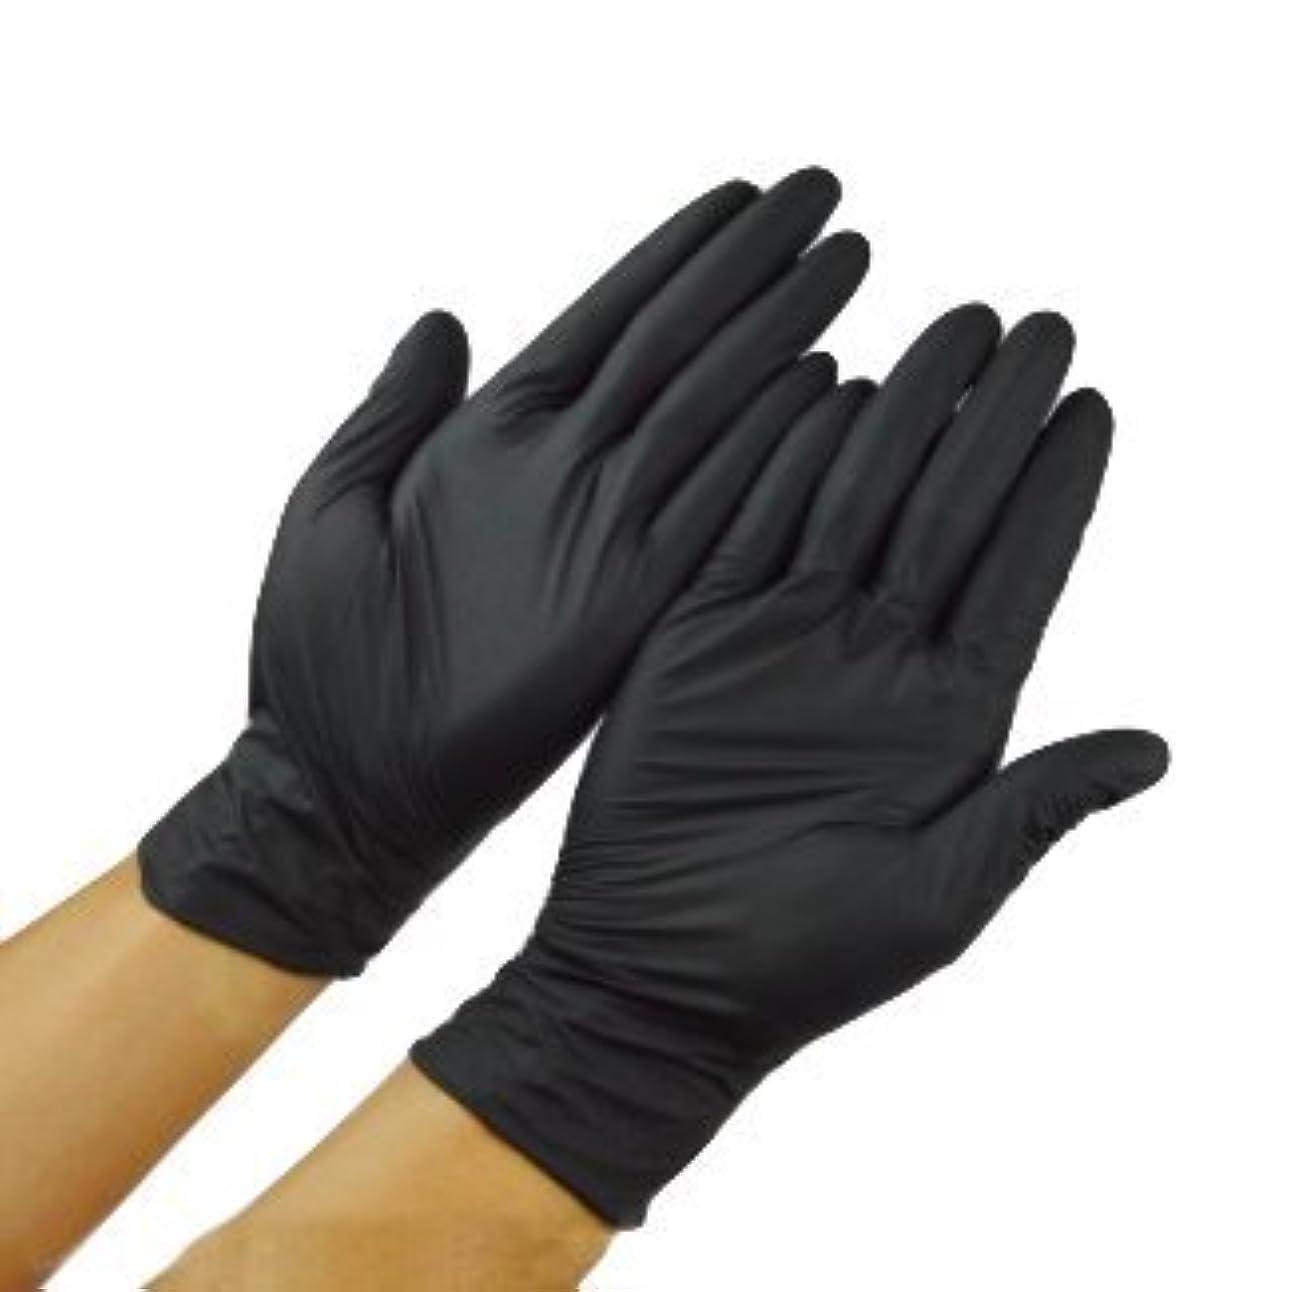 つかの間ペルソナ俳優SYNC パウダーフリー ゴム手袋 黒 左右兼用 極薄 密着仕様 指先端部強化加工 20枚 10ペア